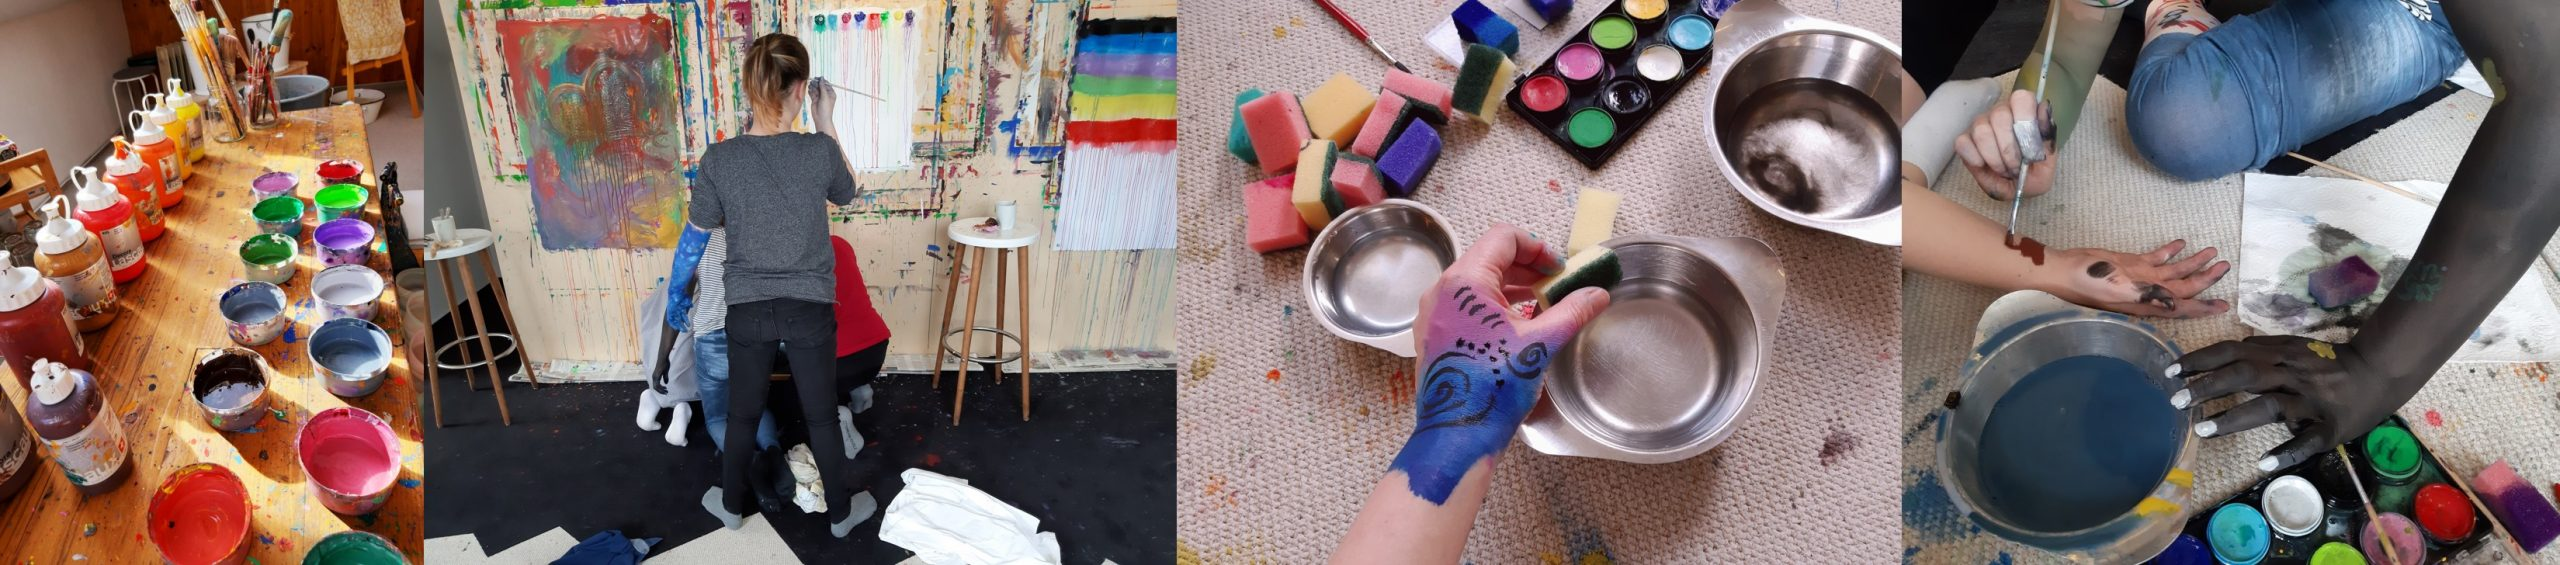 Kindergeburtstag feiern im Atelier Leben